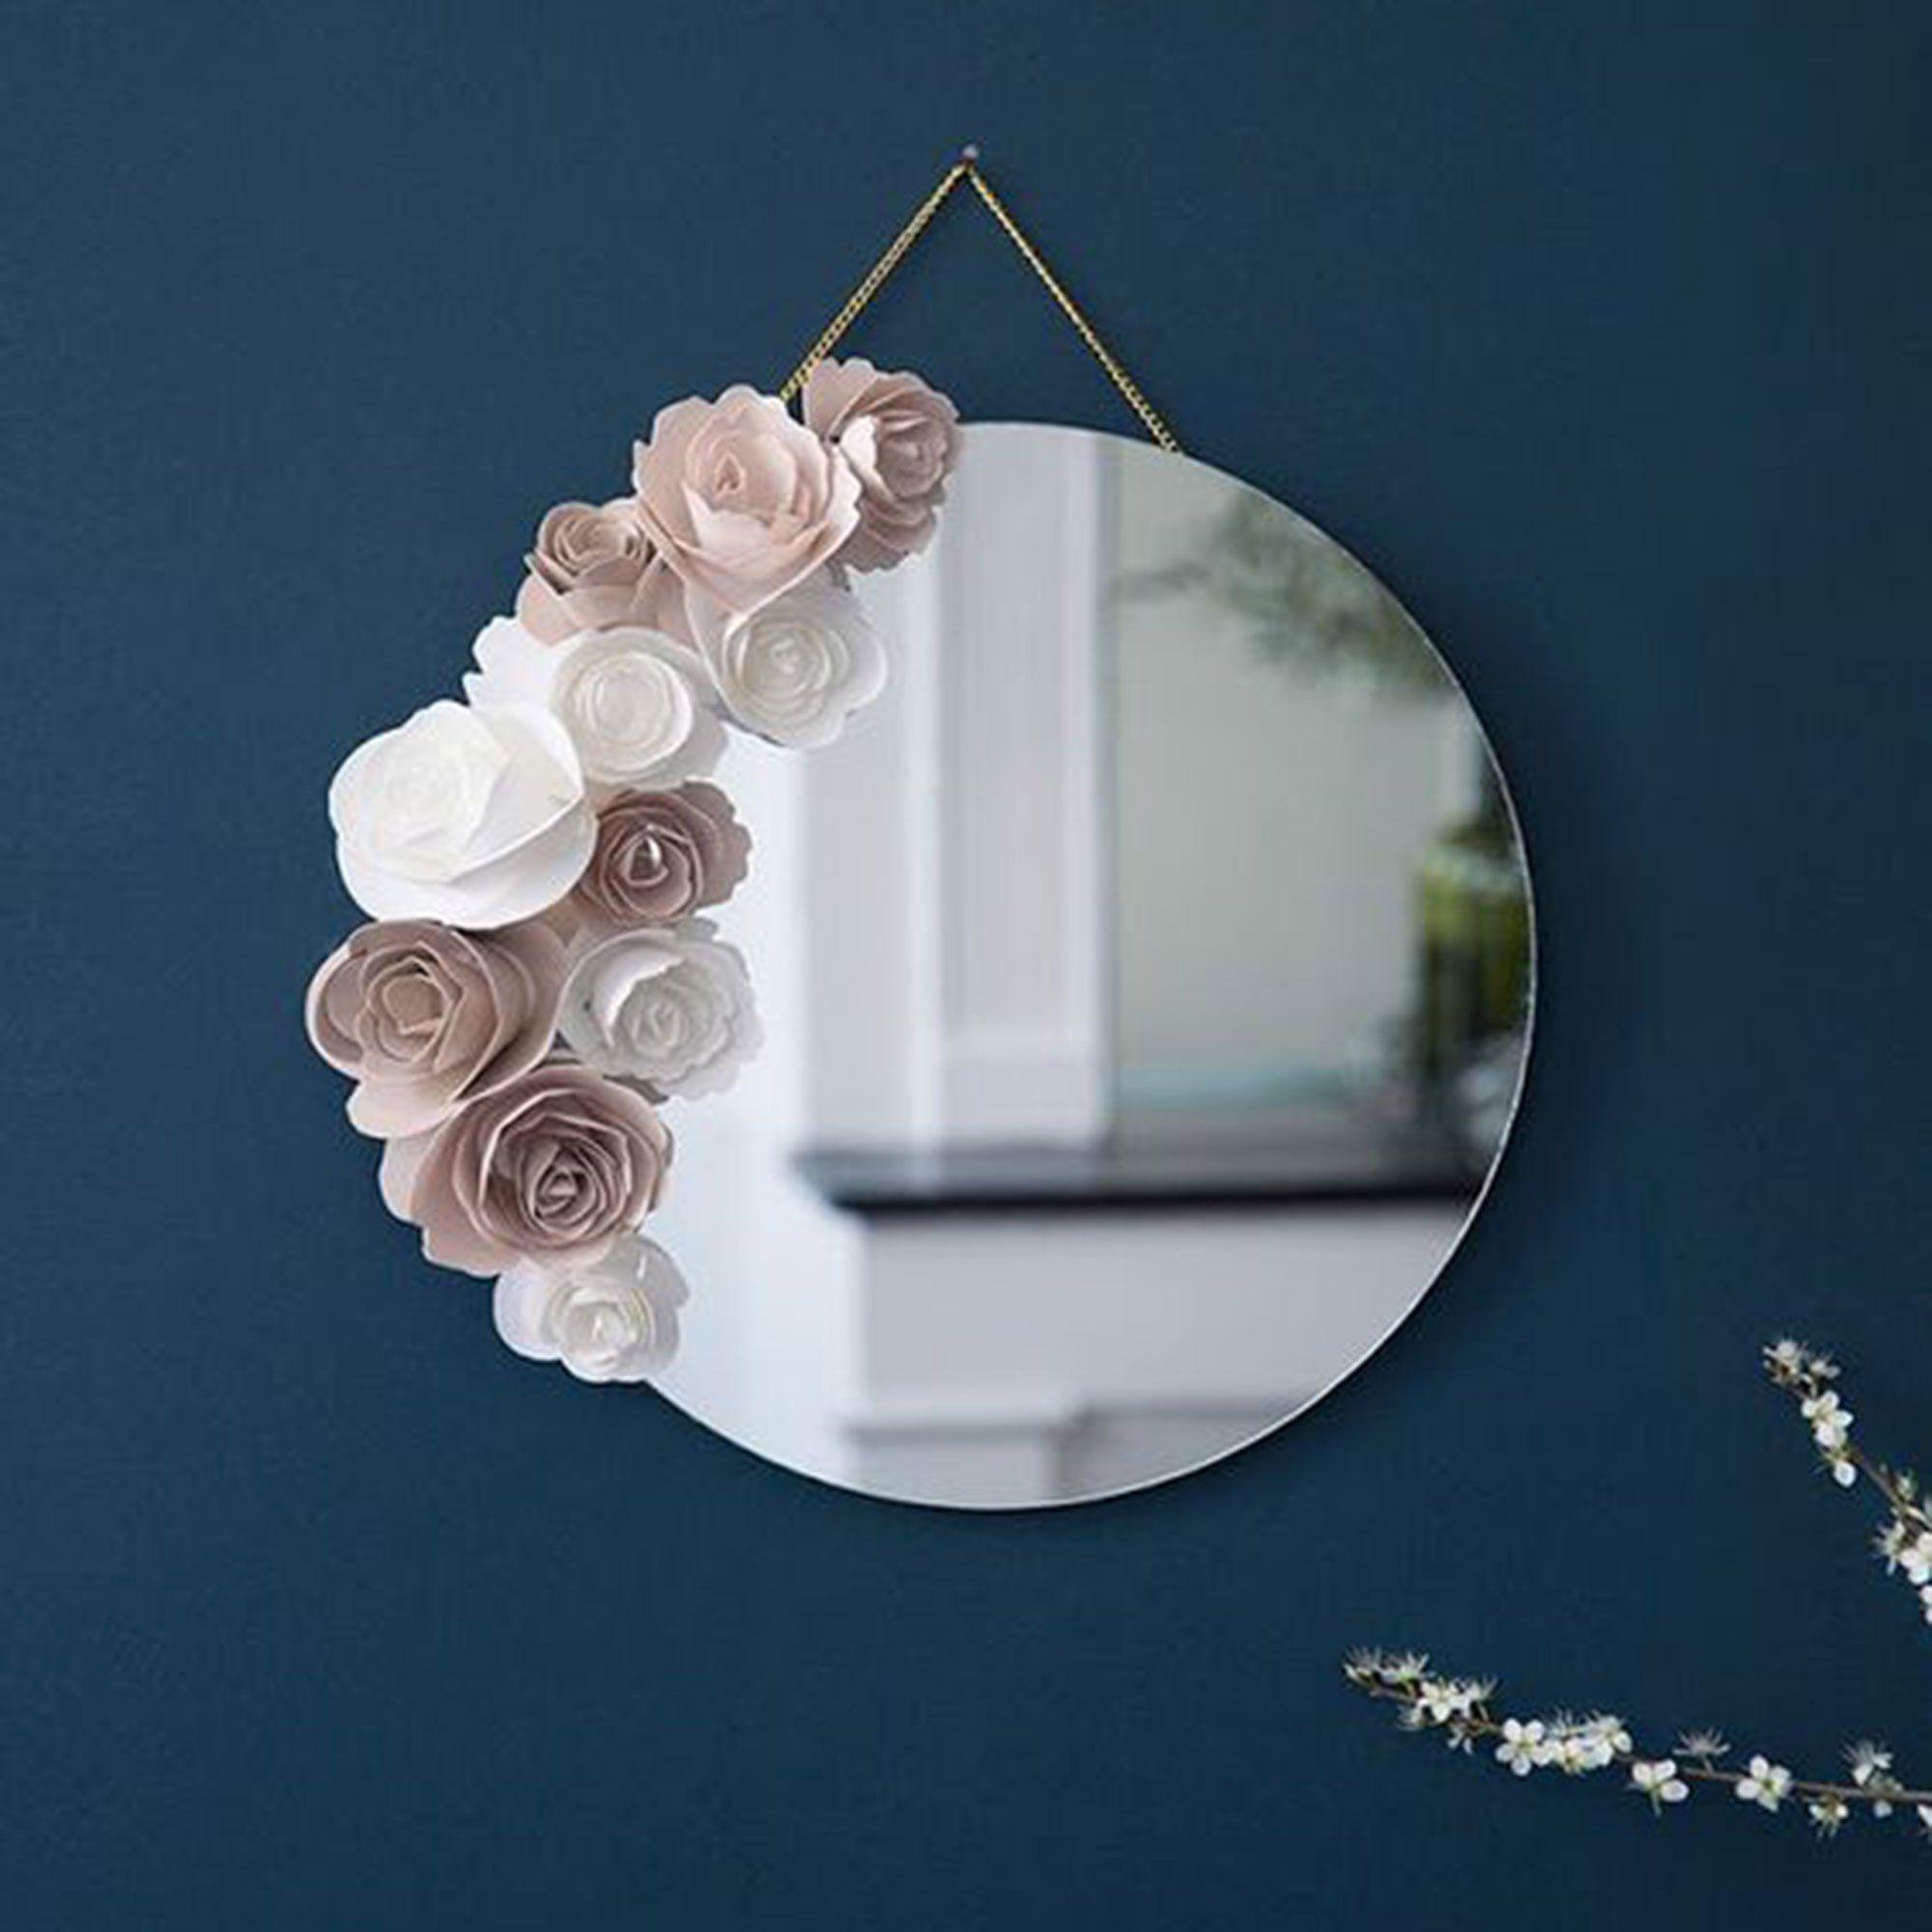 Customiser Un Cadre De Miroir Épinglé sur dyi projects